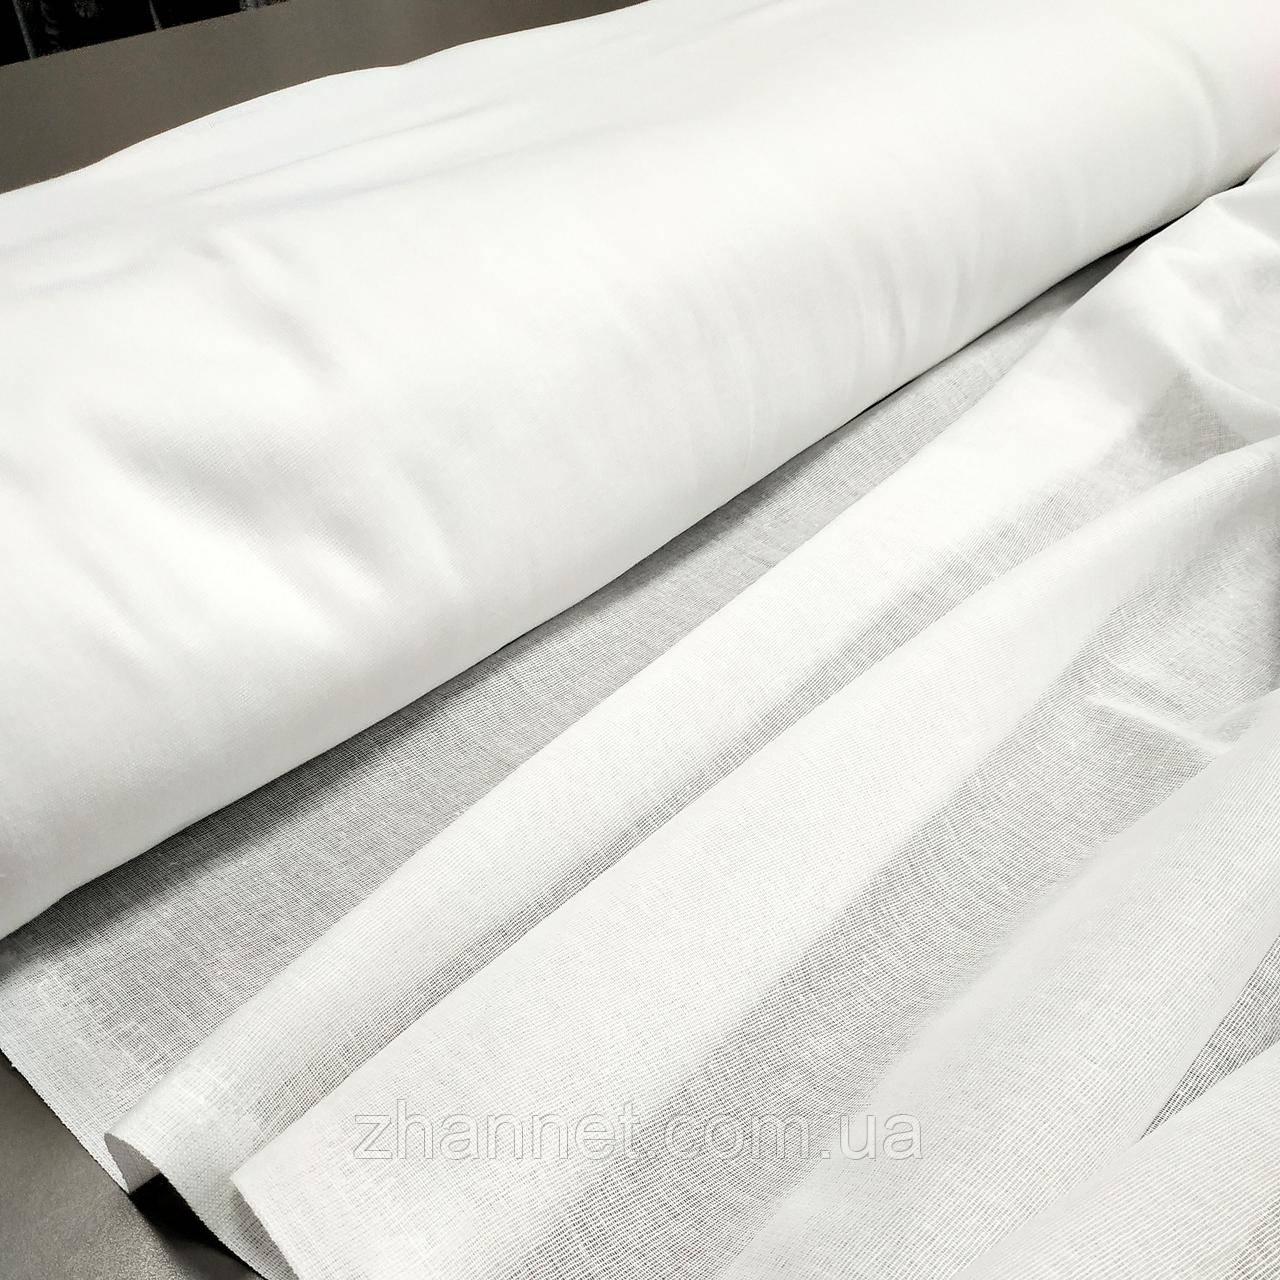 Мадаполам плотная марля 60 г/м2 белый (7931)